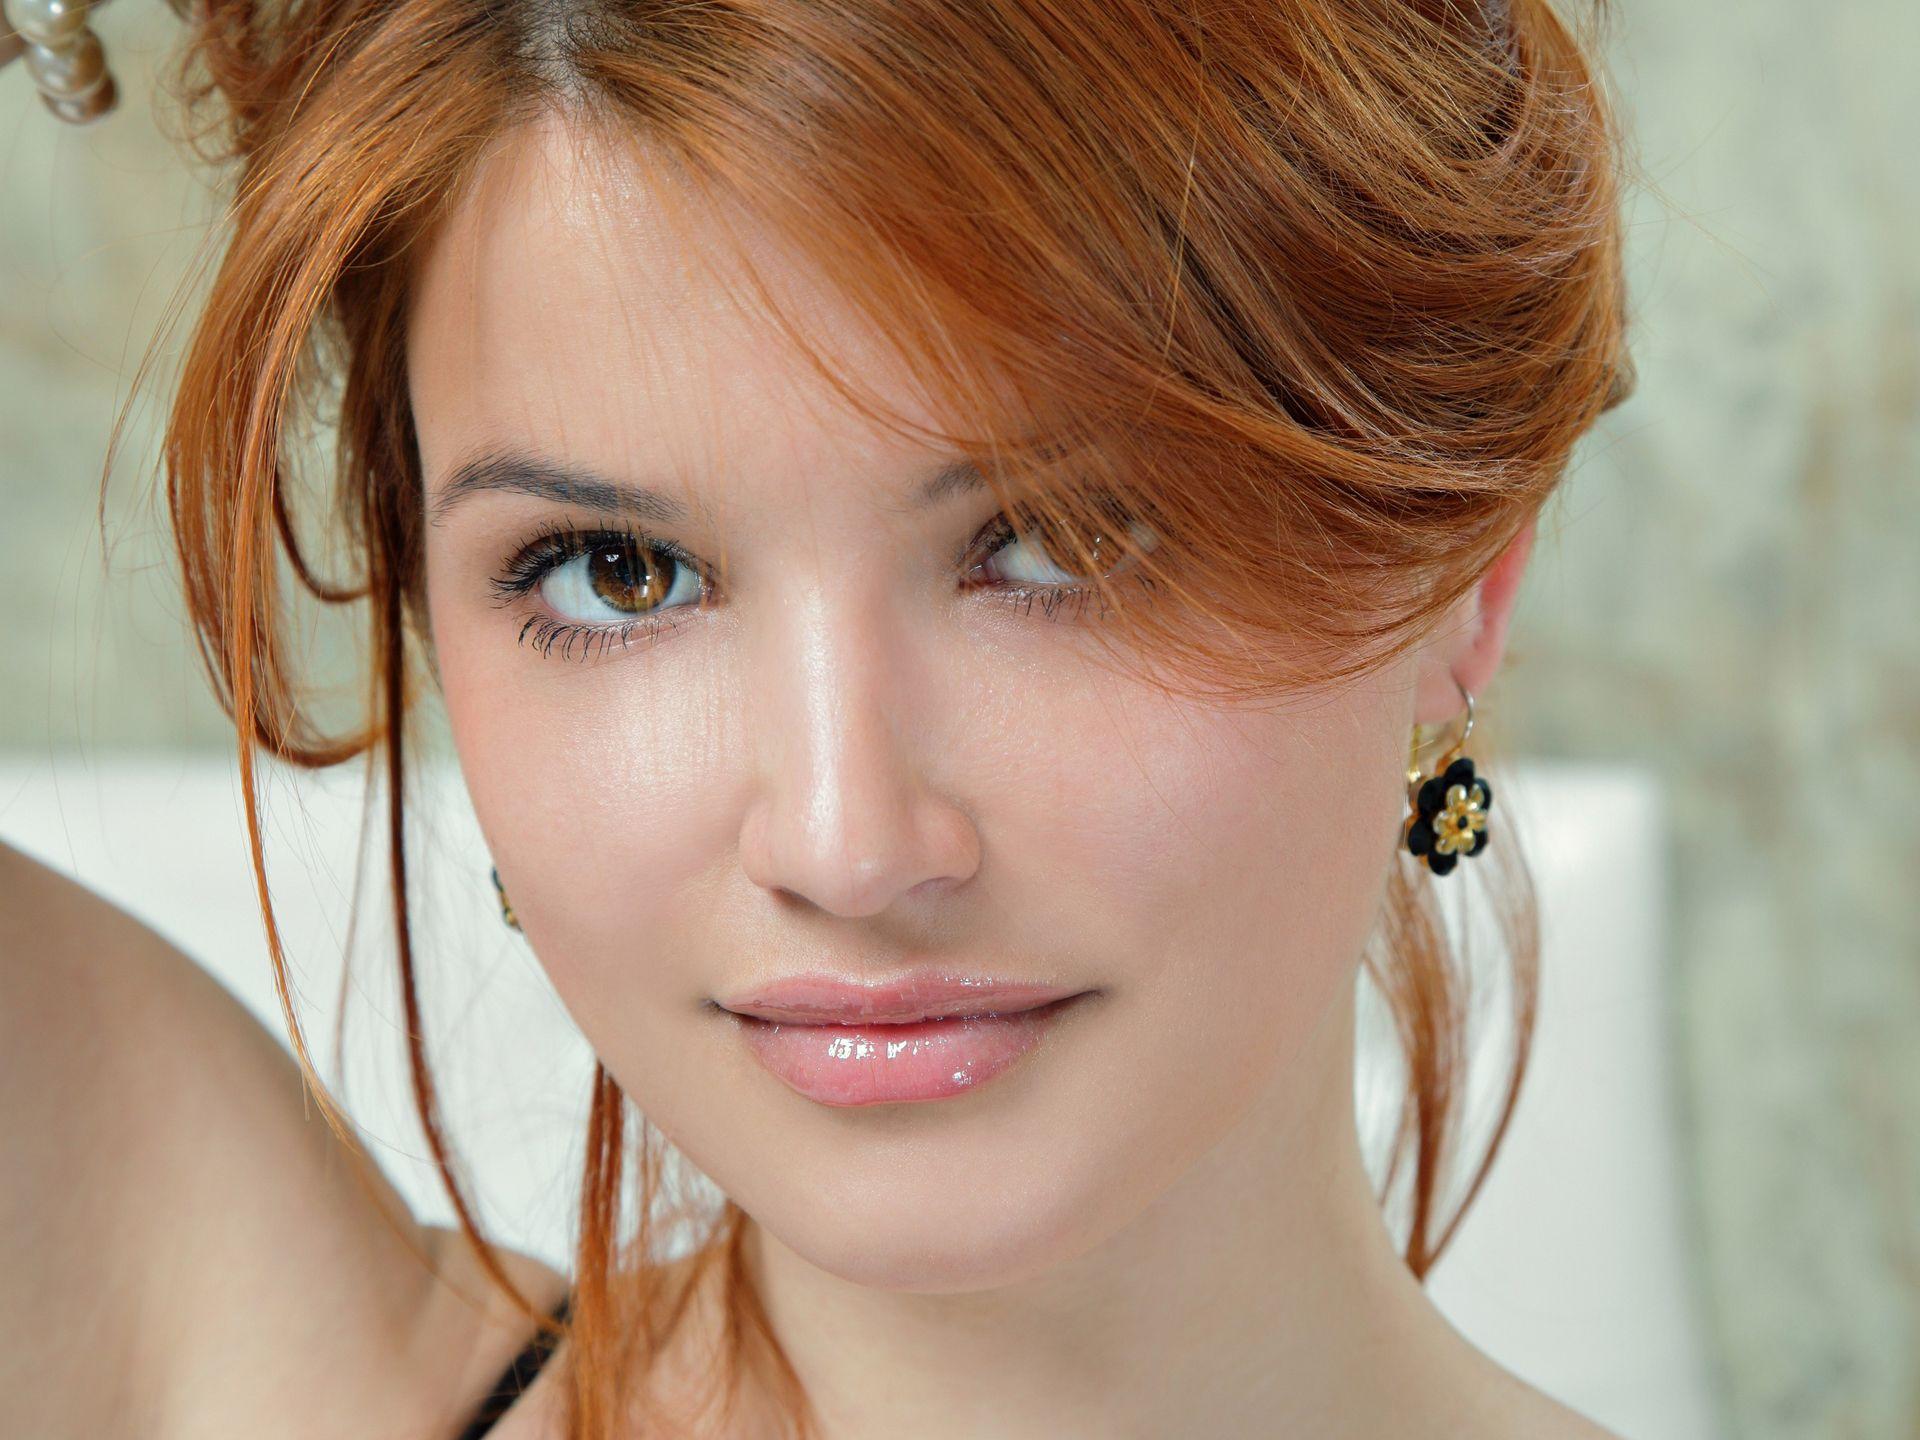 بالصور صور نساء جميلات , جمال المراة فى صورة 2605 6